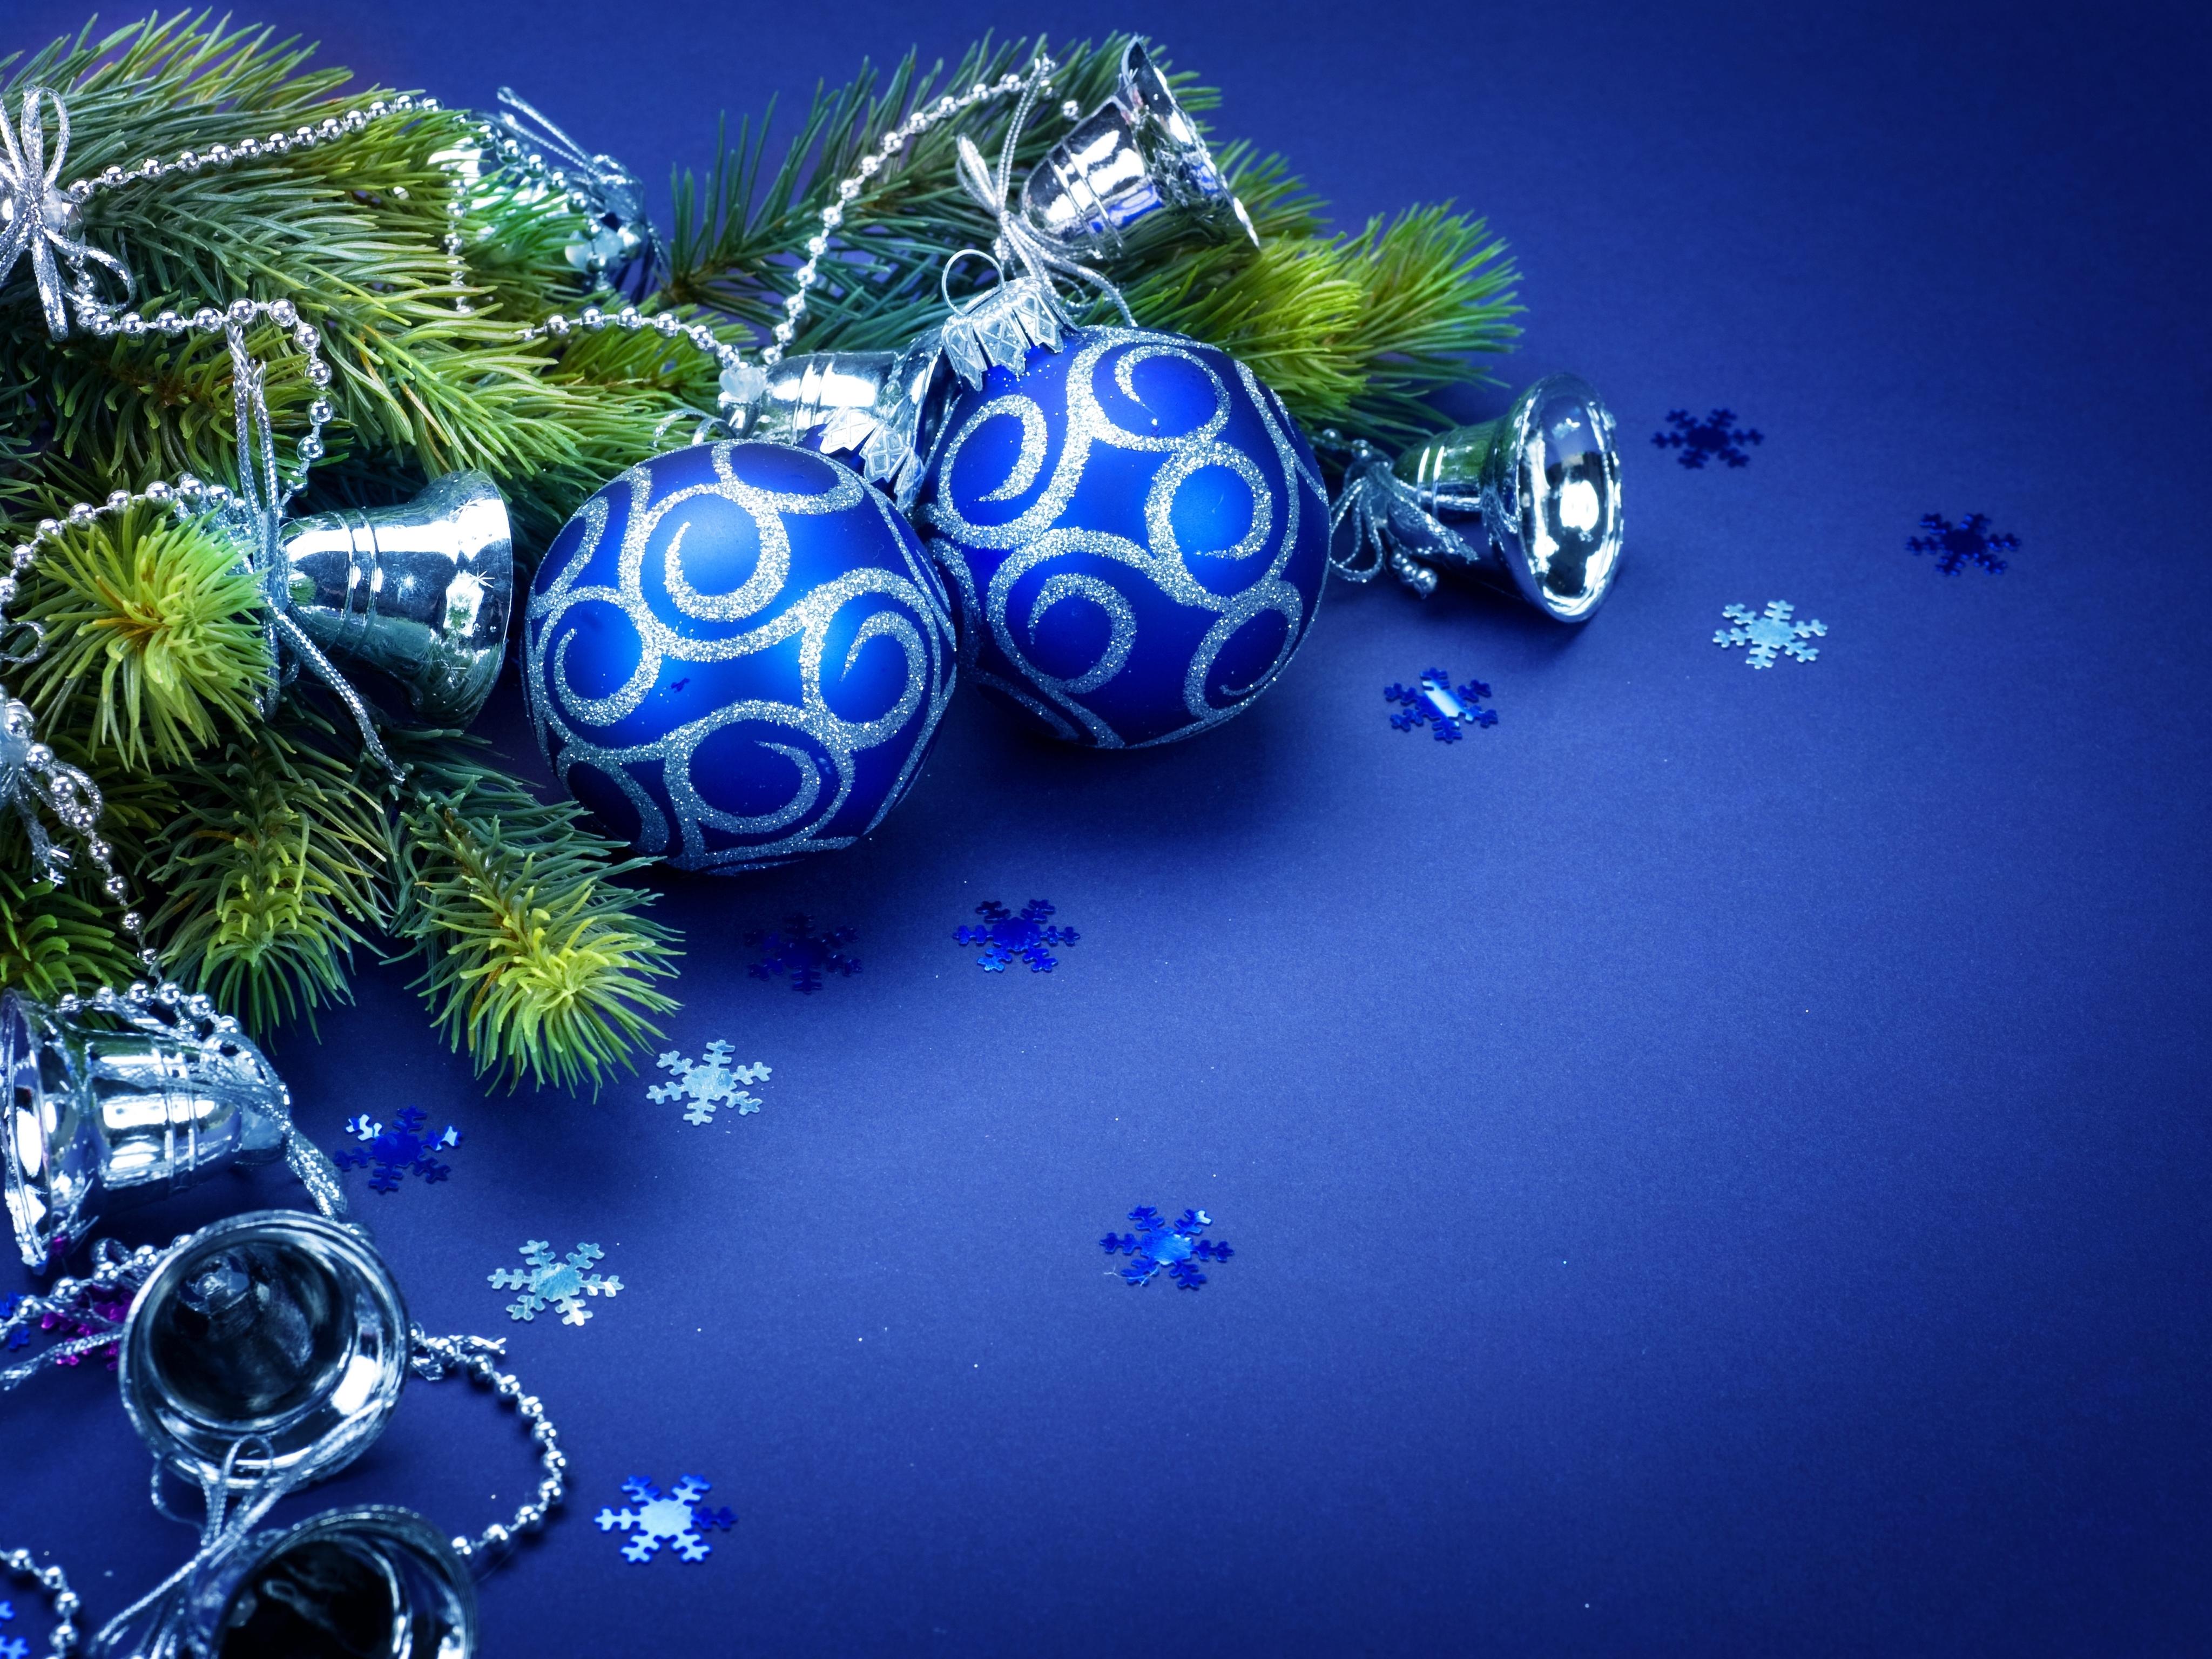 Обои снежинки, колокольчики. Новый год foto 14